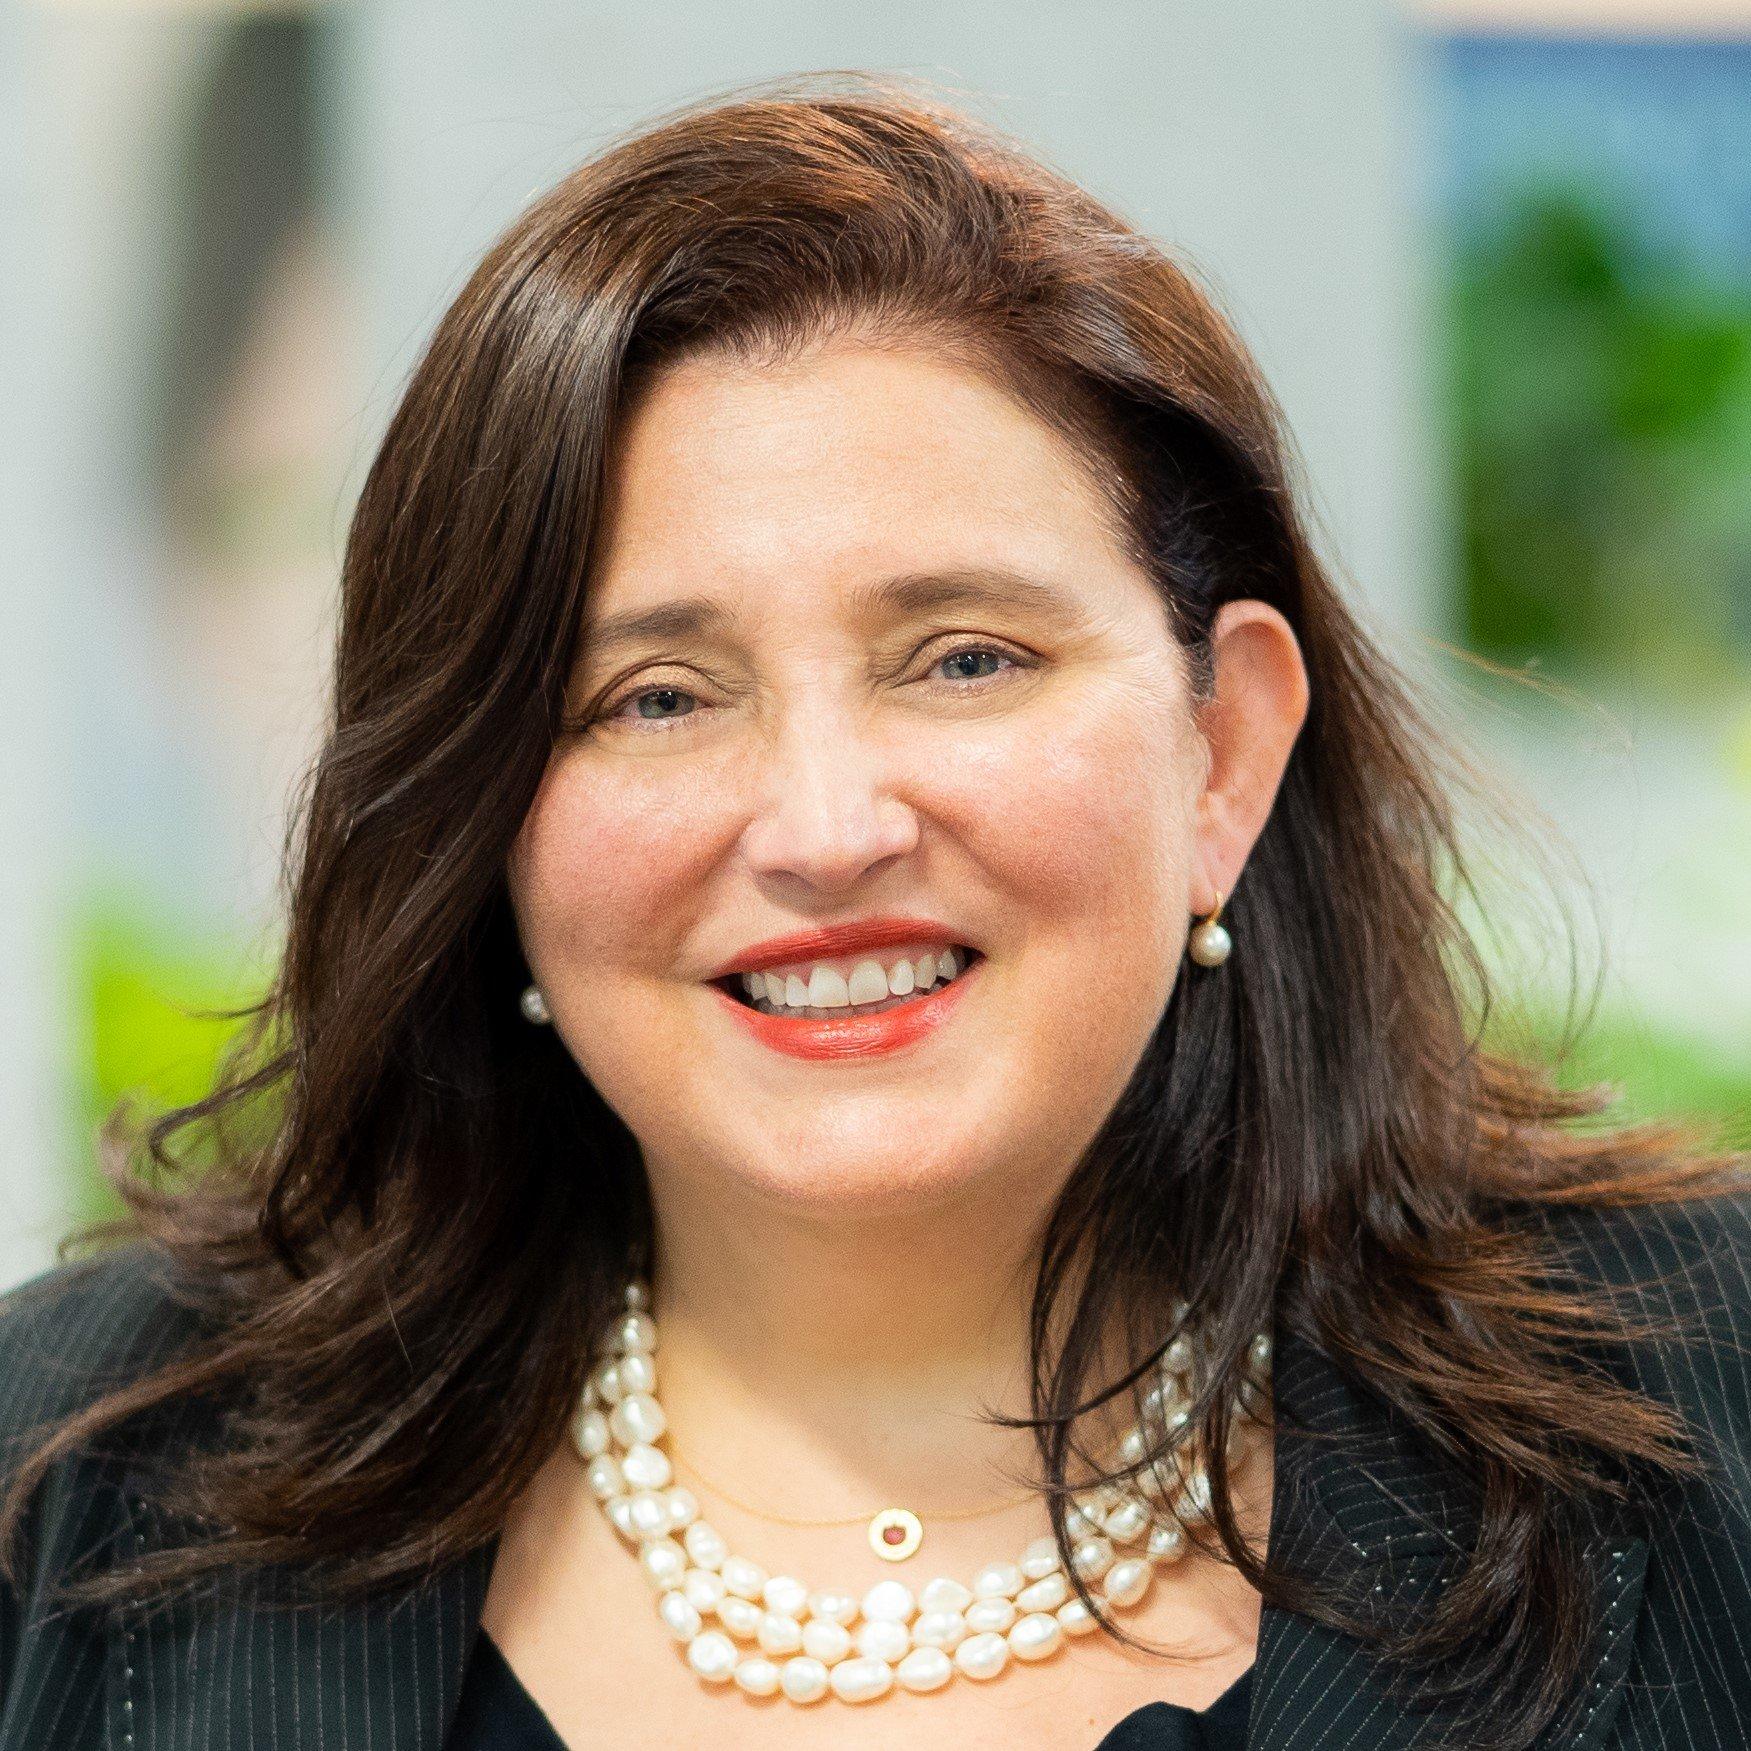 Liz Carnabuci